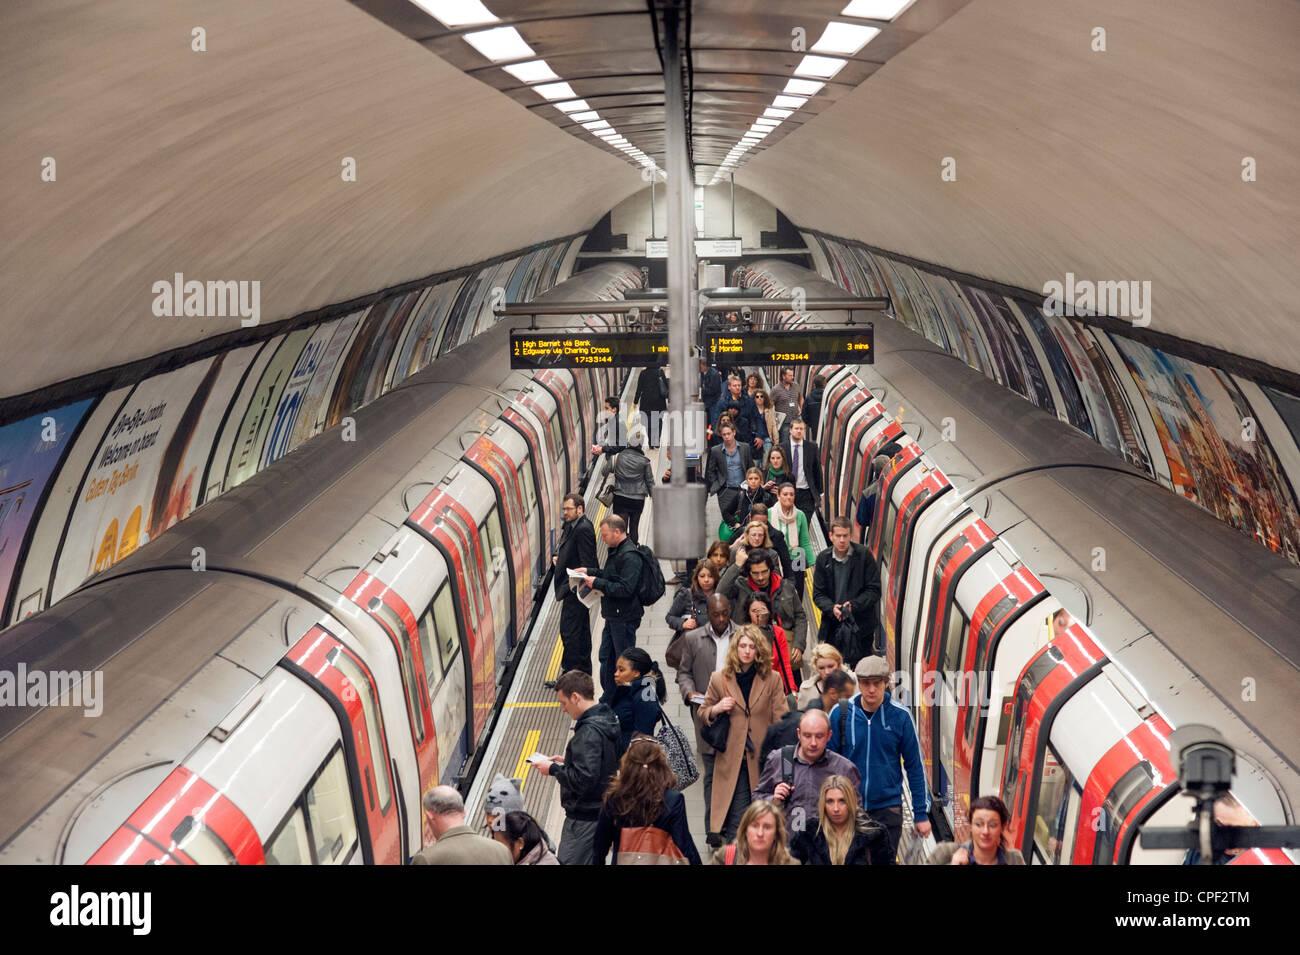 Rush hour at Clapham Common underground station, London, England, UK - Stock Image